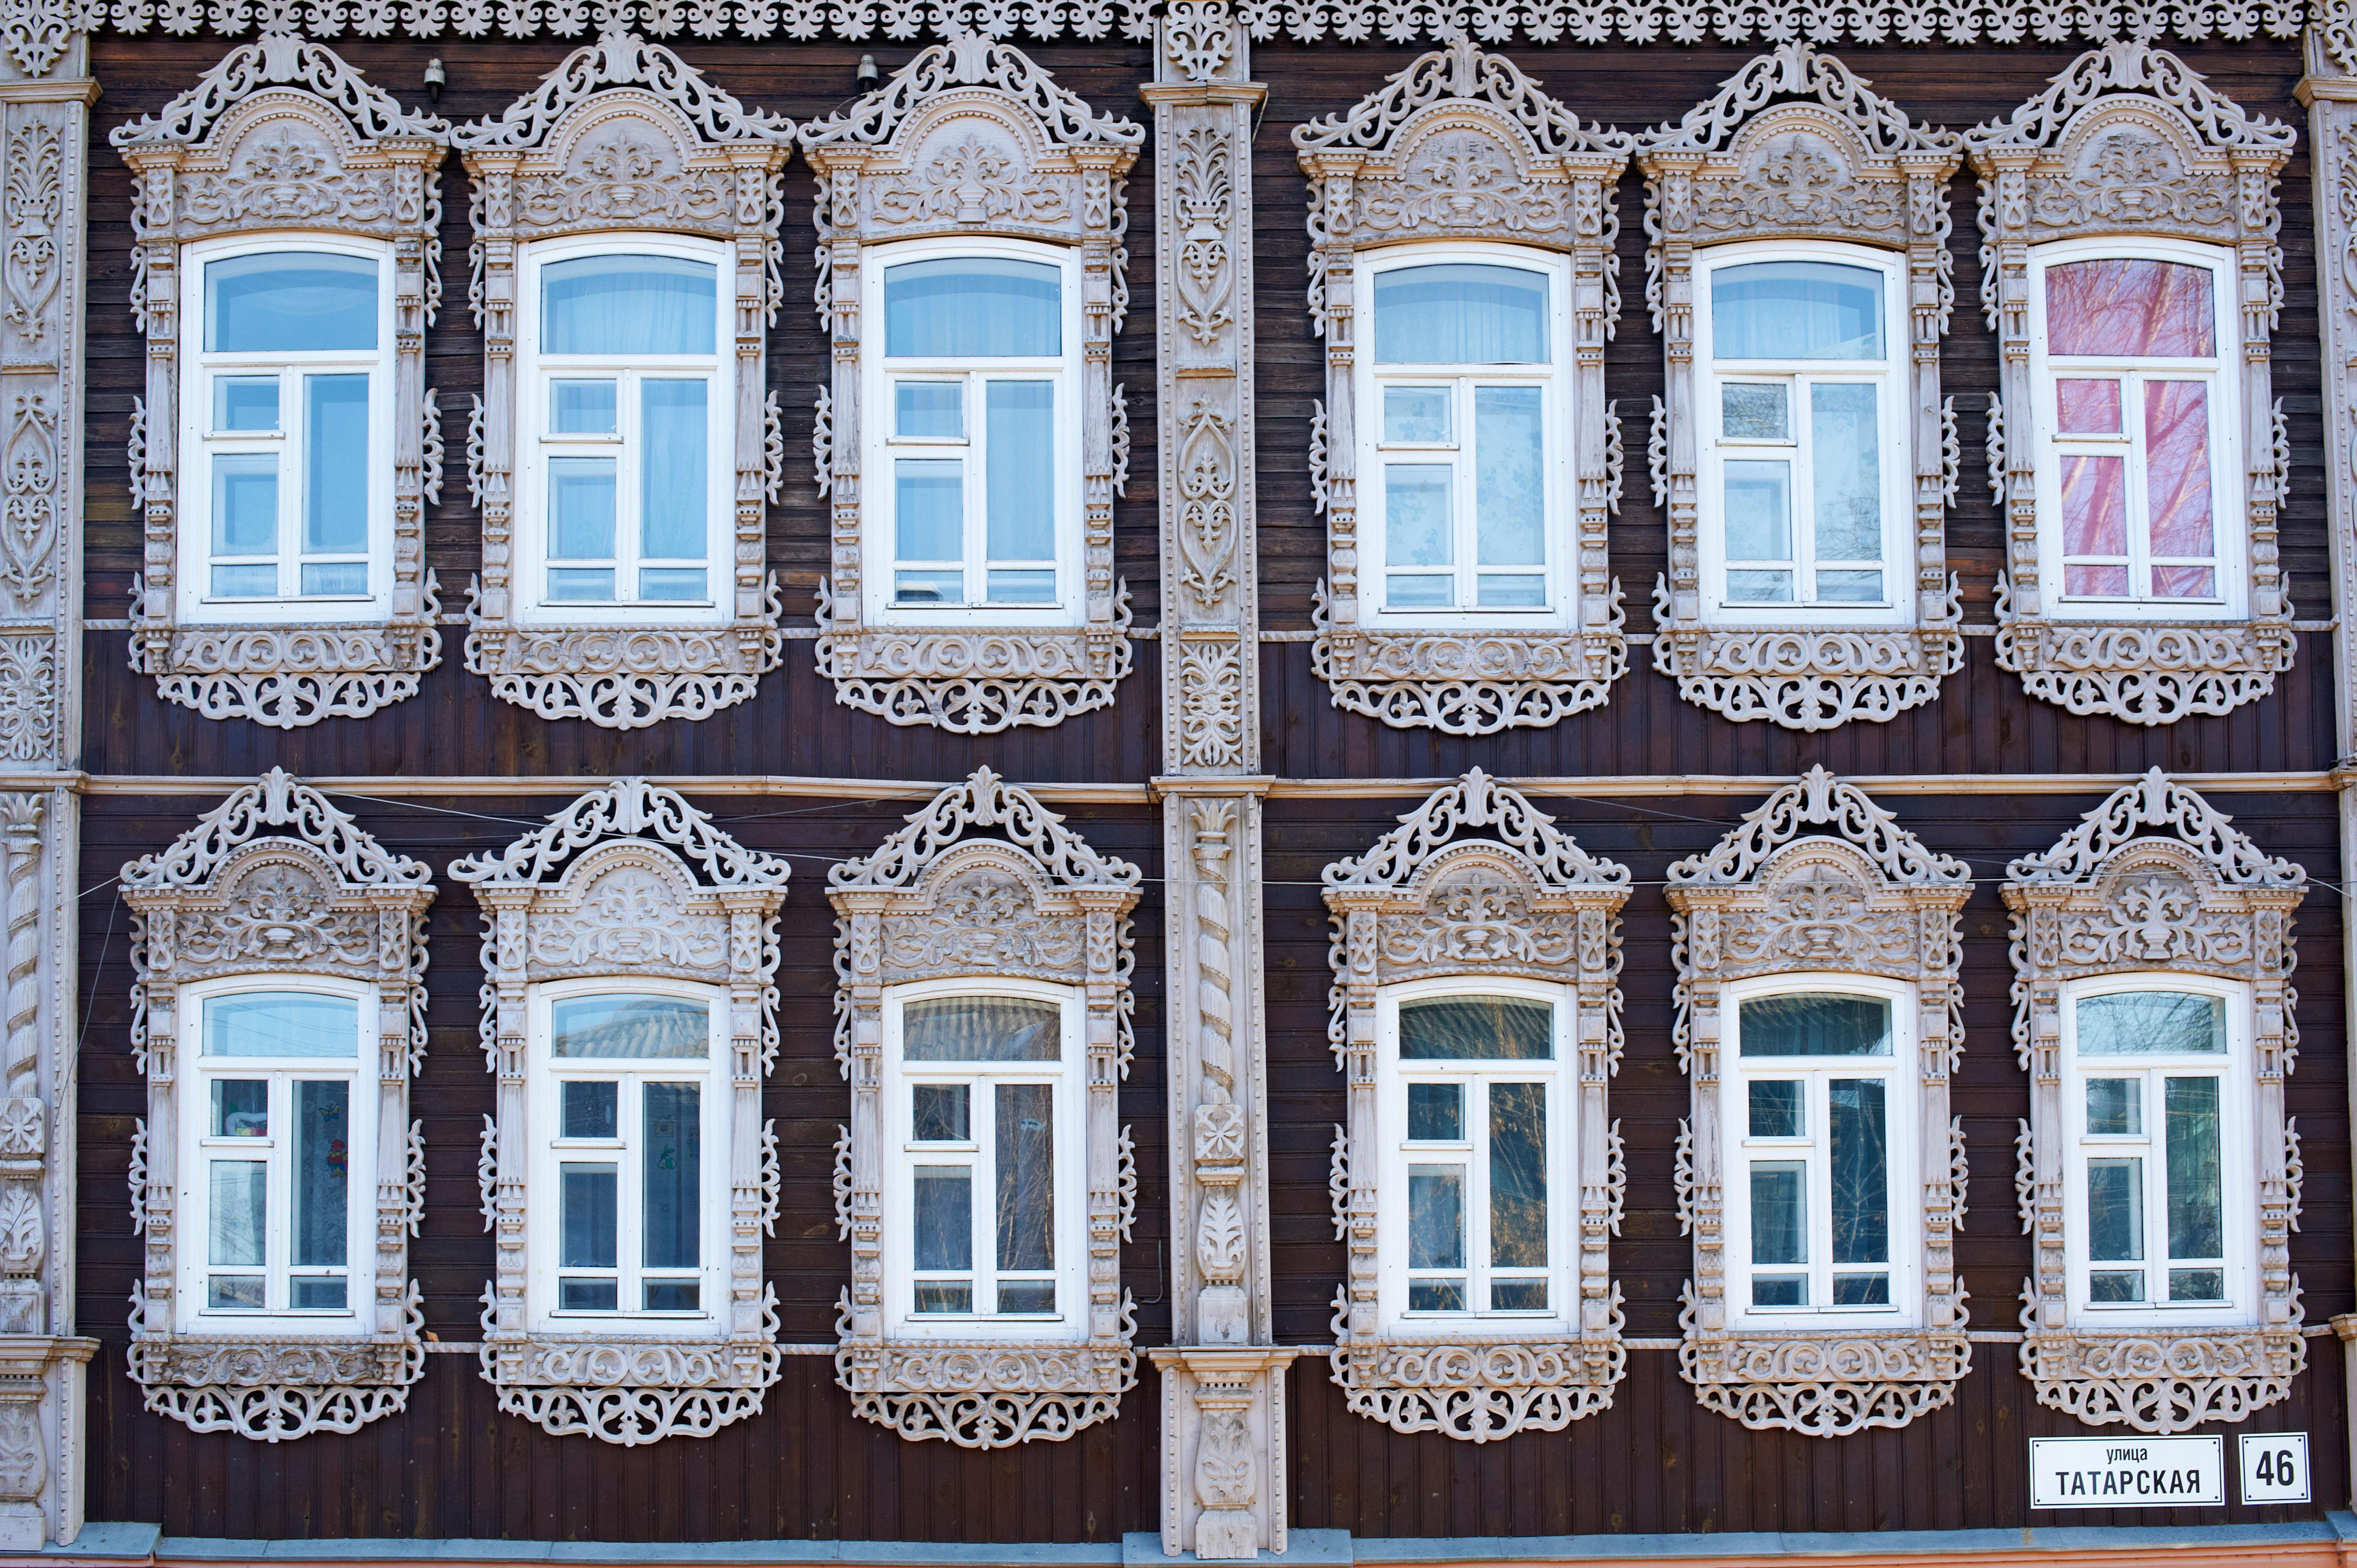 """Remek-djela drvene arhitekture možete vidjeti prilikom obične šetnje uličicama Tomska, grada udaljenog od Moskve 2 877 kilometara. Tomsk zauzima prvo mjesto na listi sibirskih """"drvenih"""" gradova i značajna je turistička destinacija za turiste iz Rusije i inozemstva."""